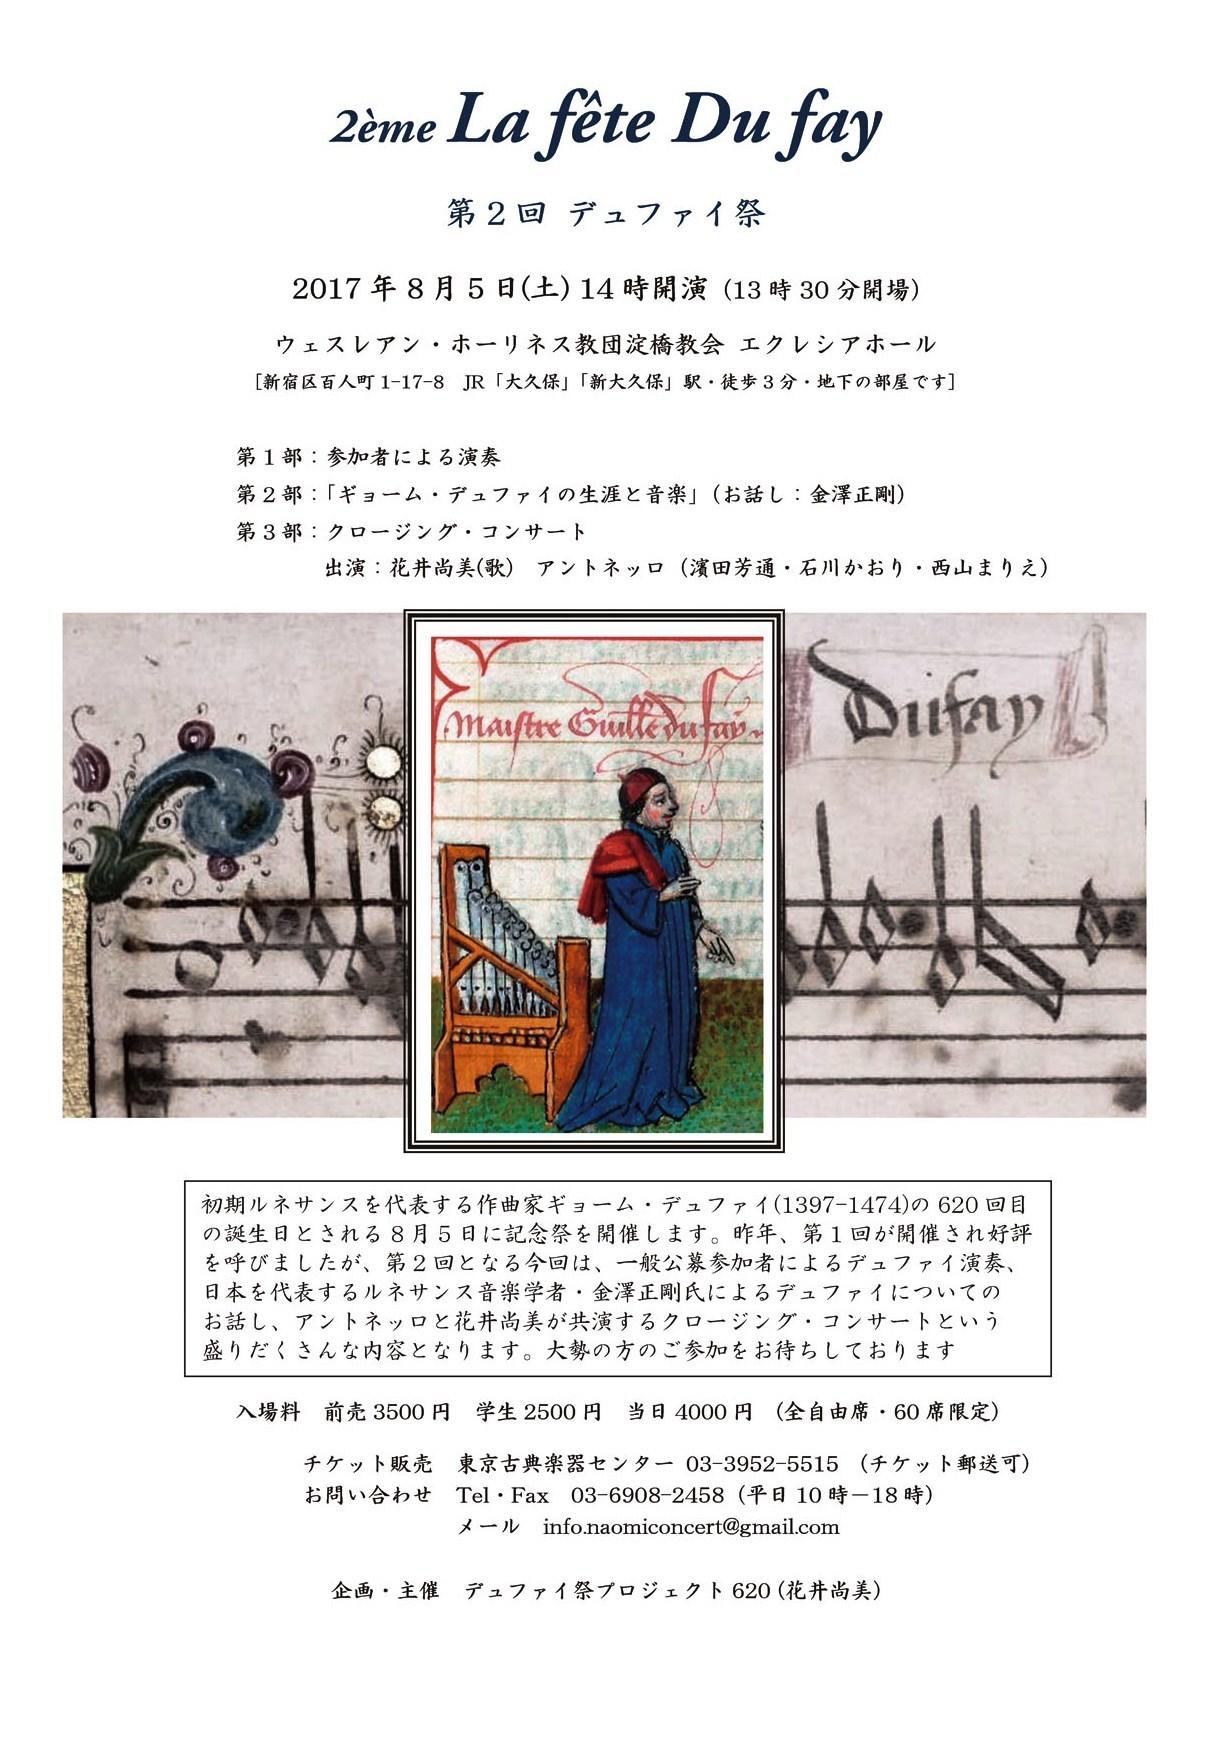 デュファイ祭チラシ02表ed